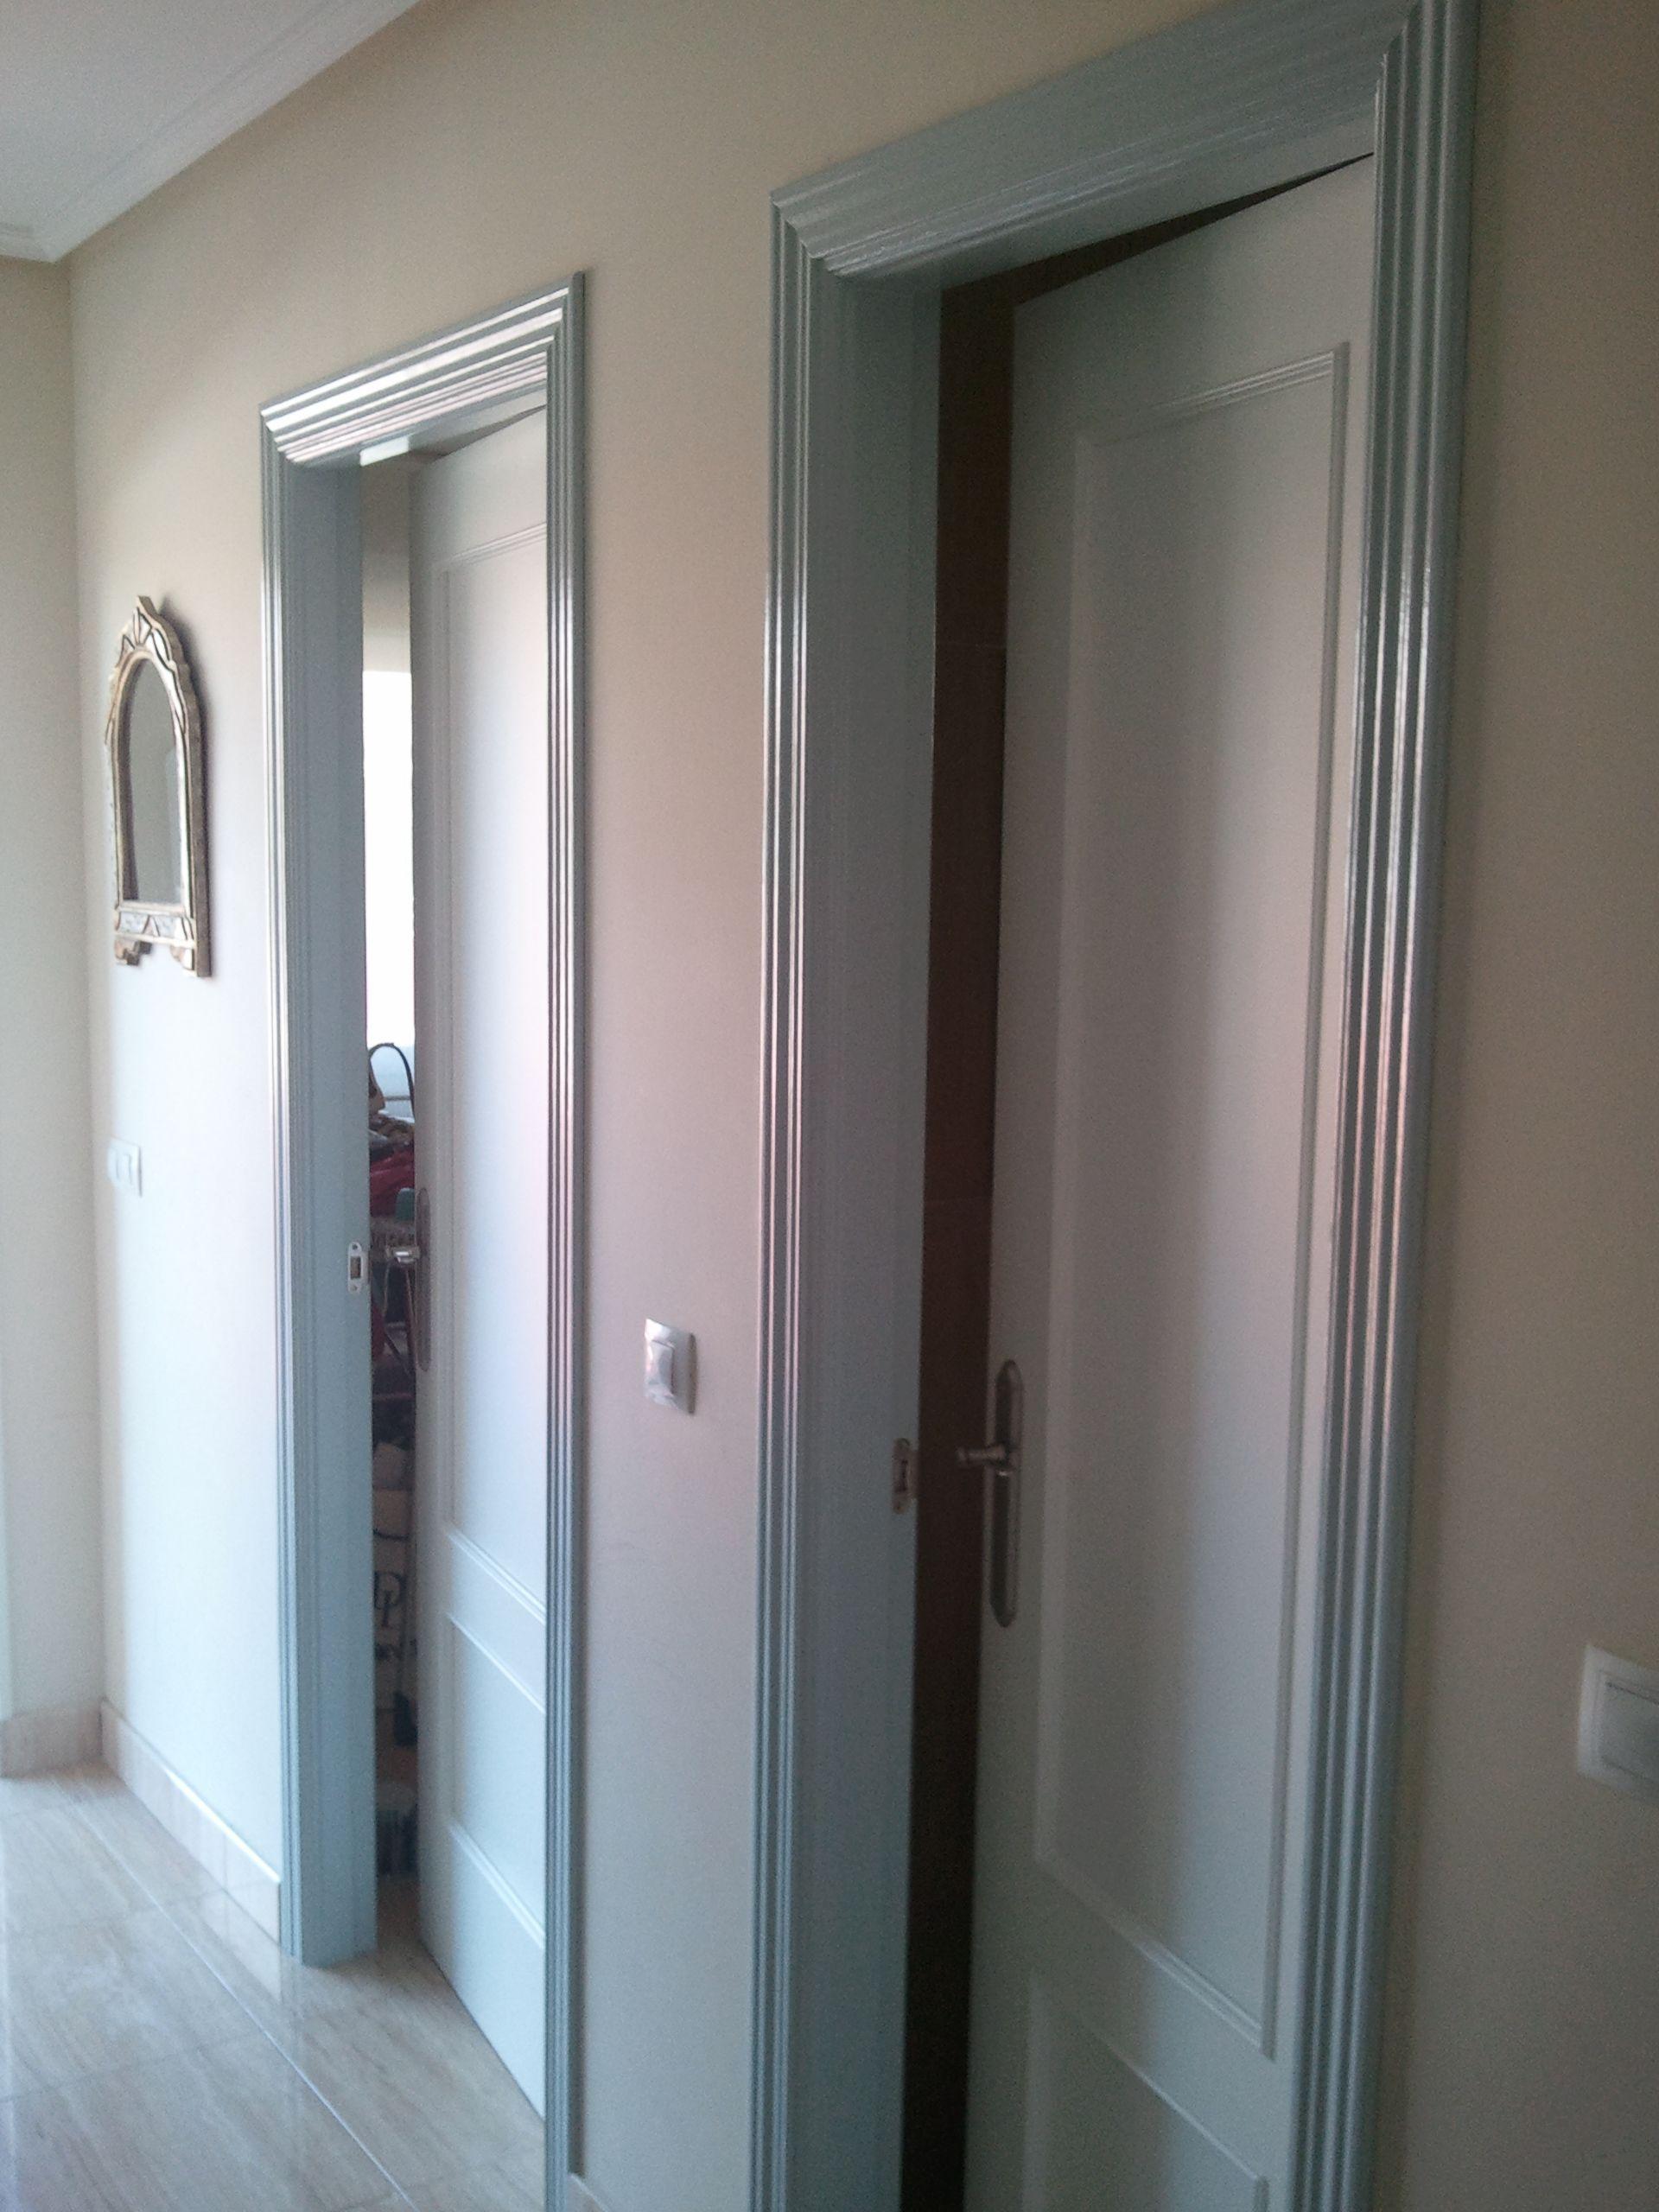 Presupuesto lacar puertas en blanco elegant with - Cuanto vale lacar una puerta ...